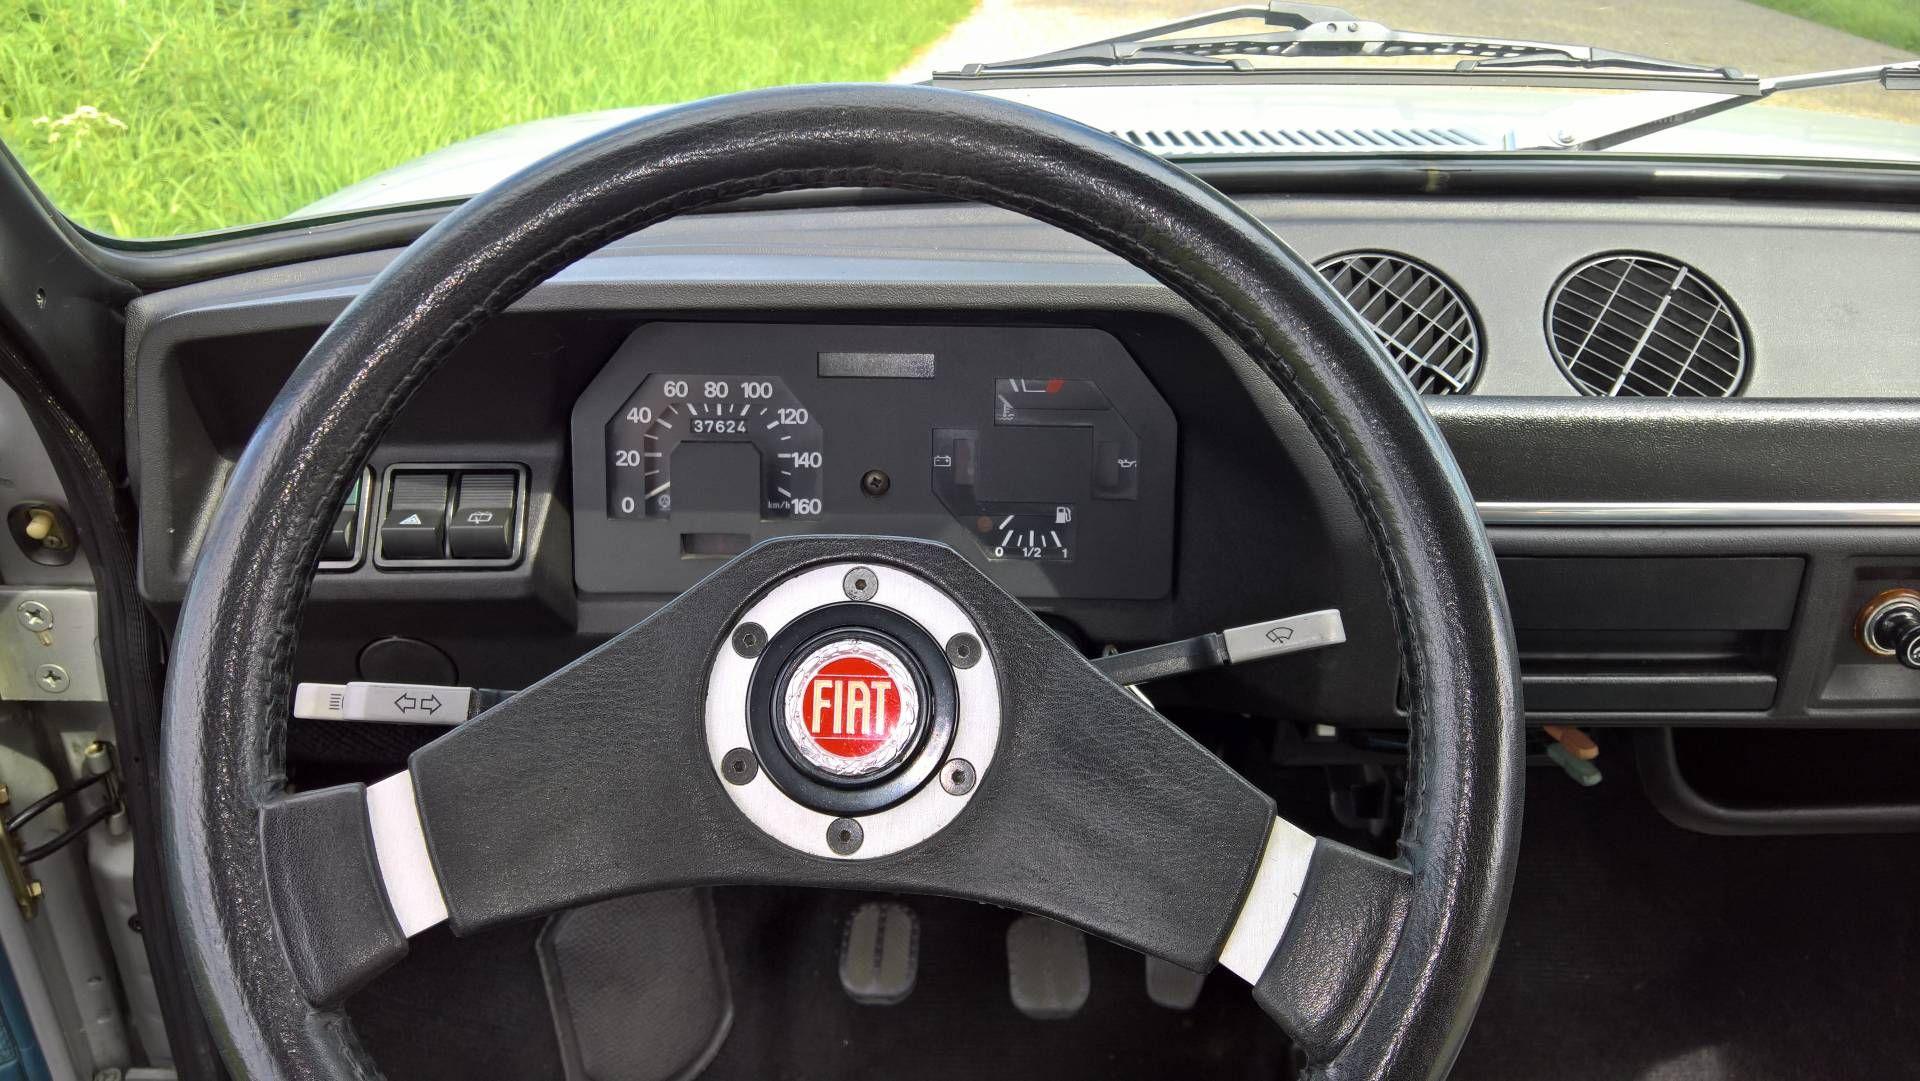 Fiat 127 Steyr